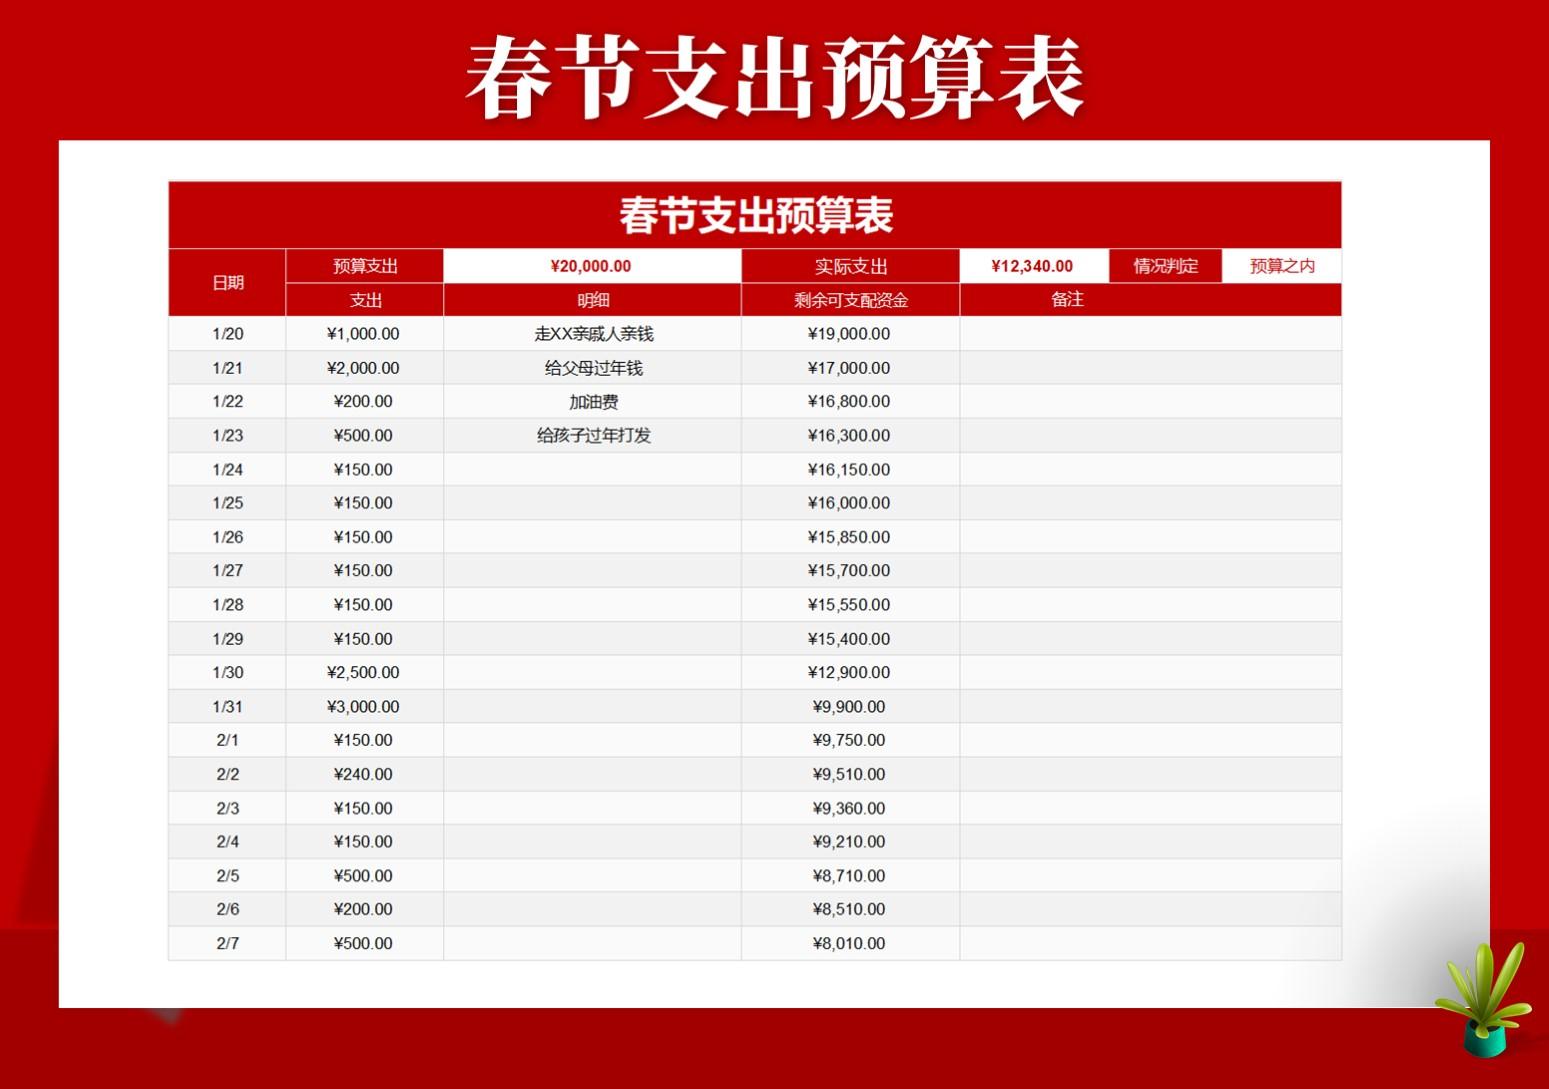 春节支出预算表.xlsx